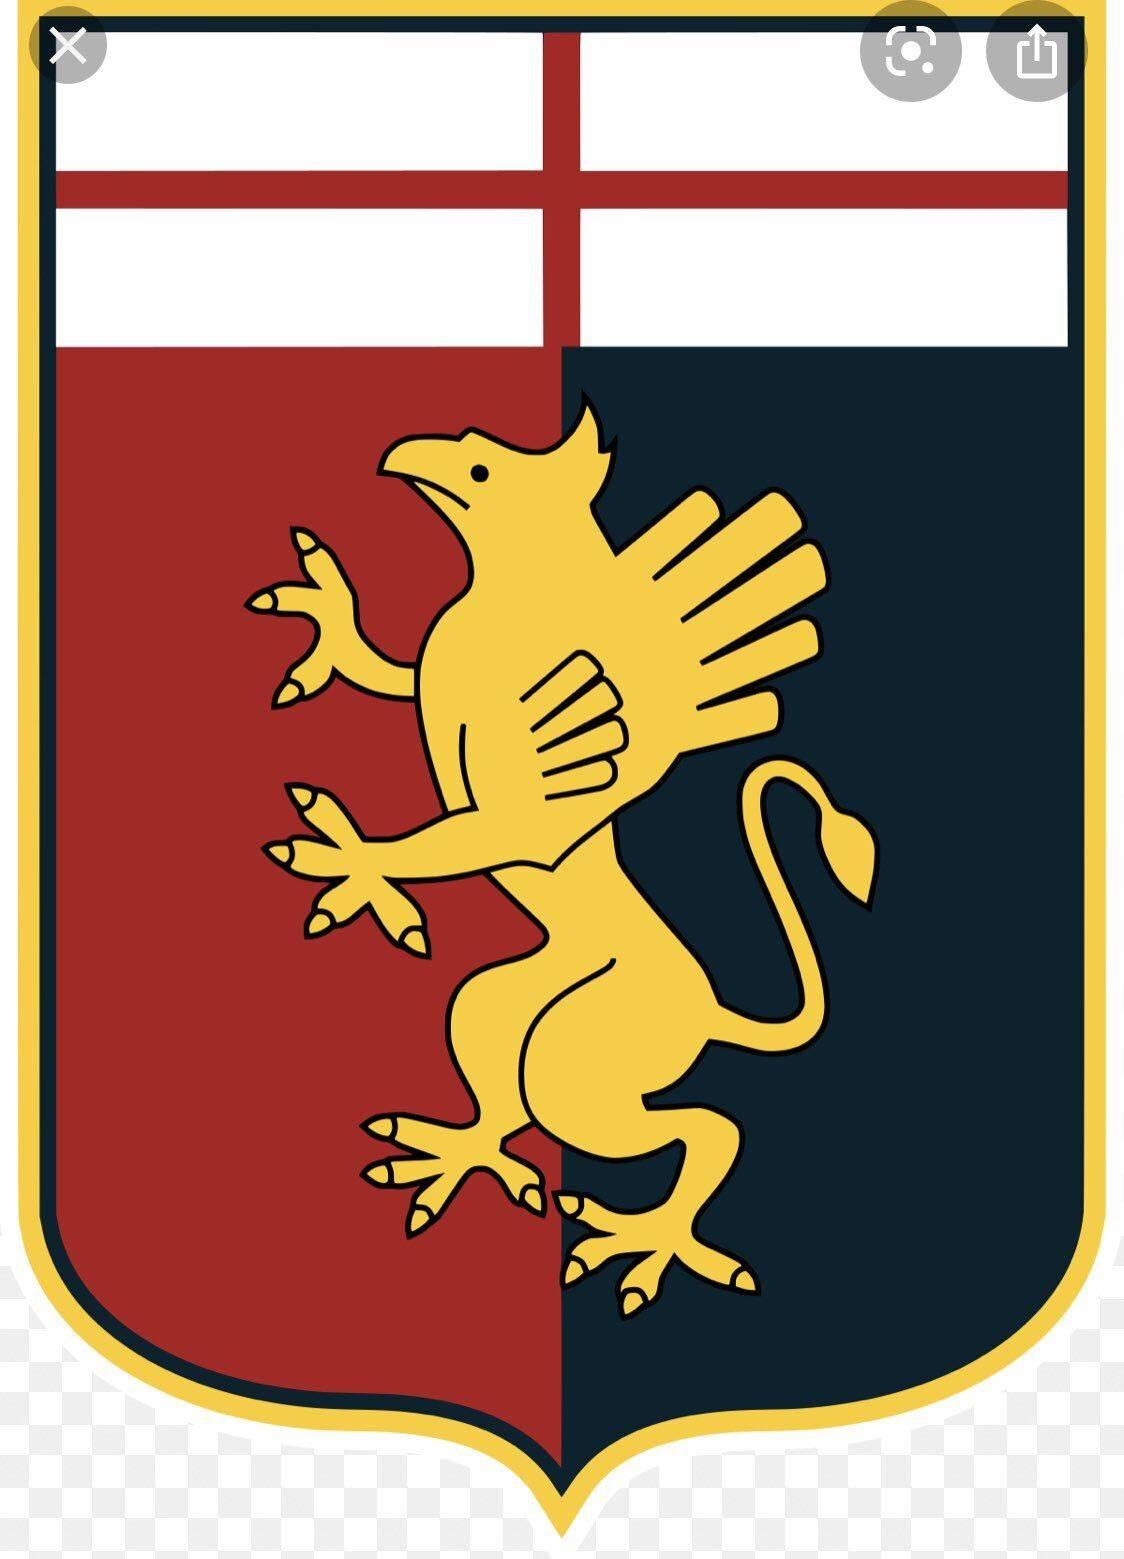 热那亚官方宣告,该队共有19人感染新冠